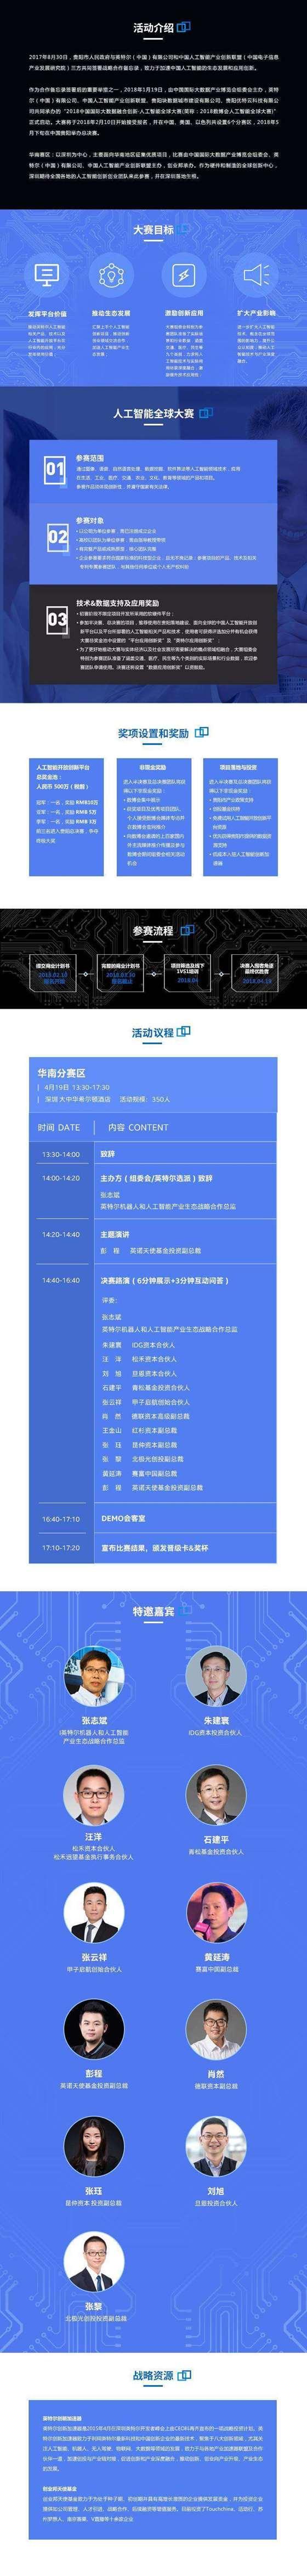 活动行-中国国际大数据融合创新·人工智能全球大赛(深圳站).jpg